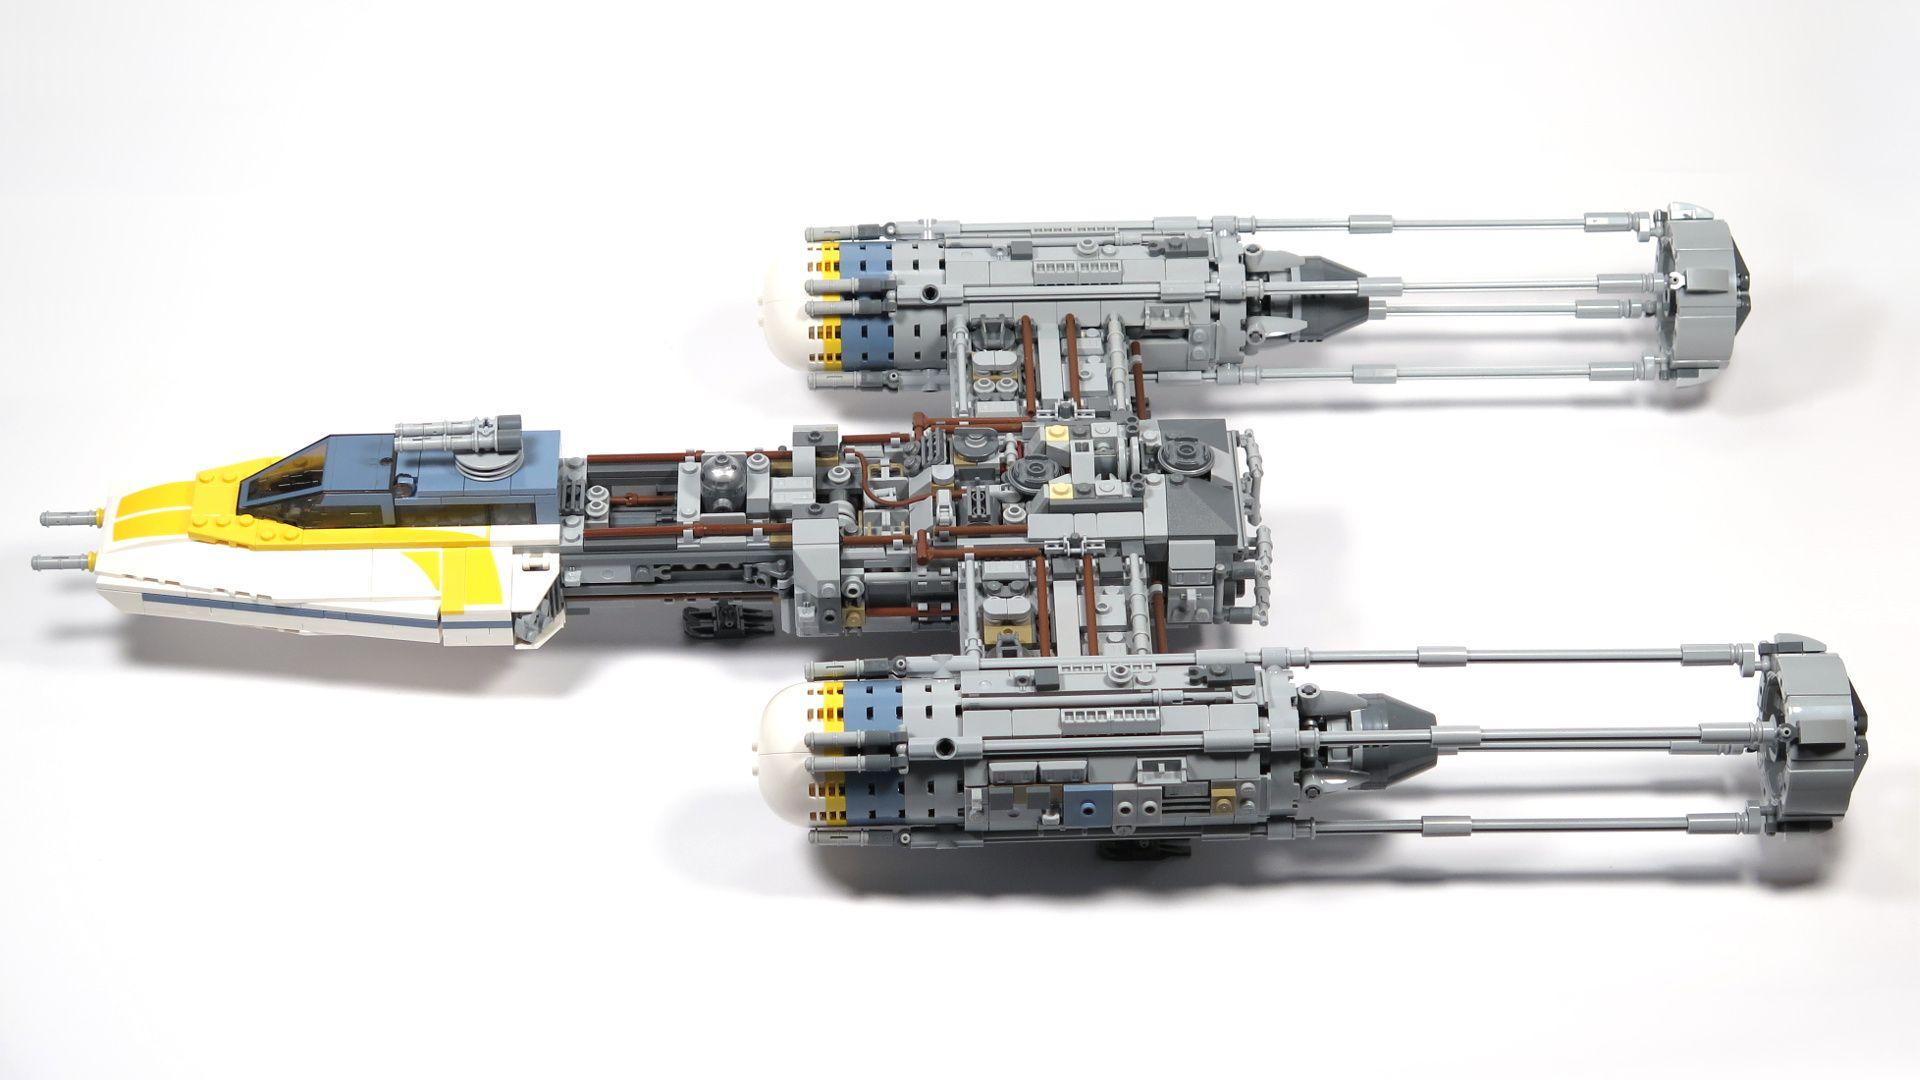 LEGO® Star Wars™ UCS Y-Wing Starfighter - seitlich, schräg | ©2018 Brickzeit